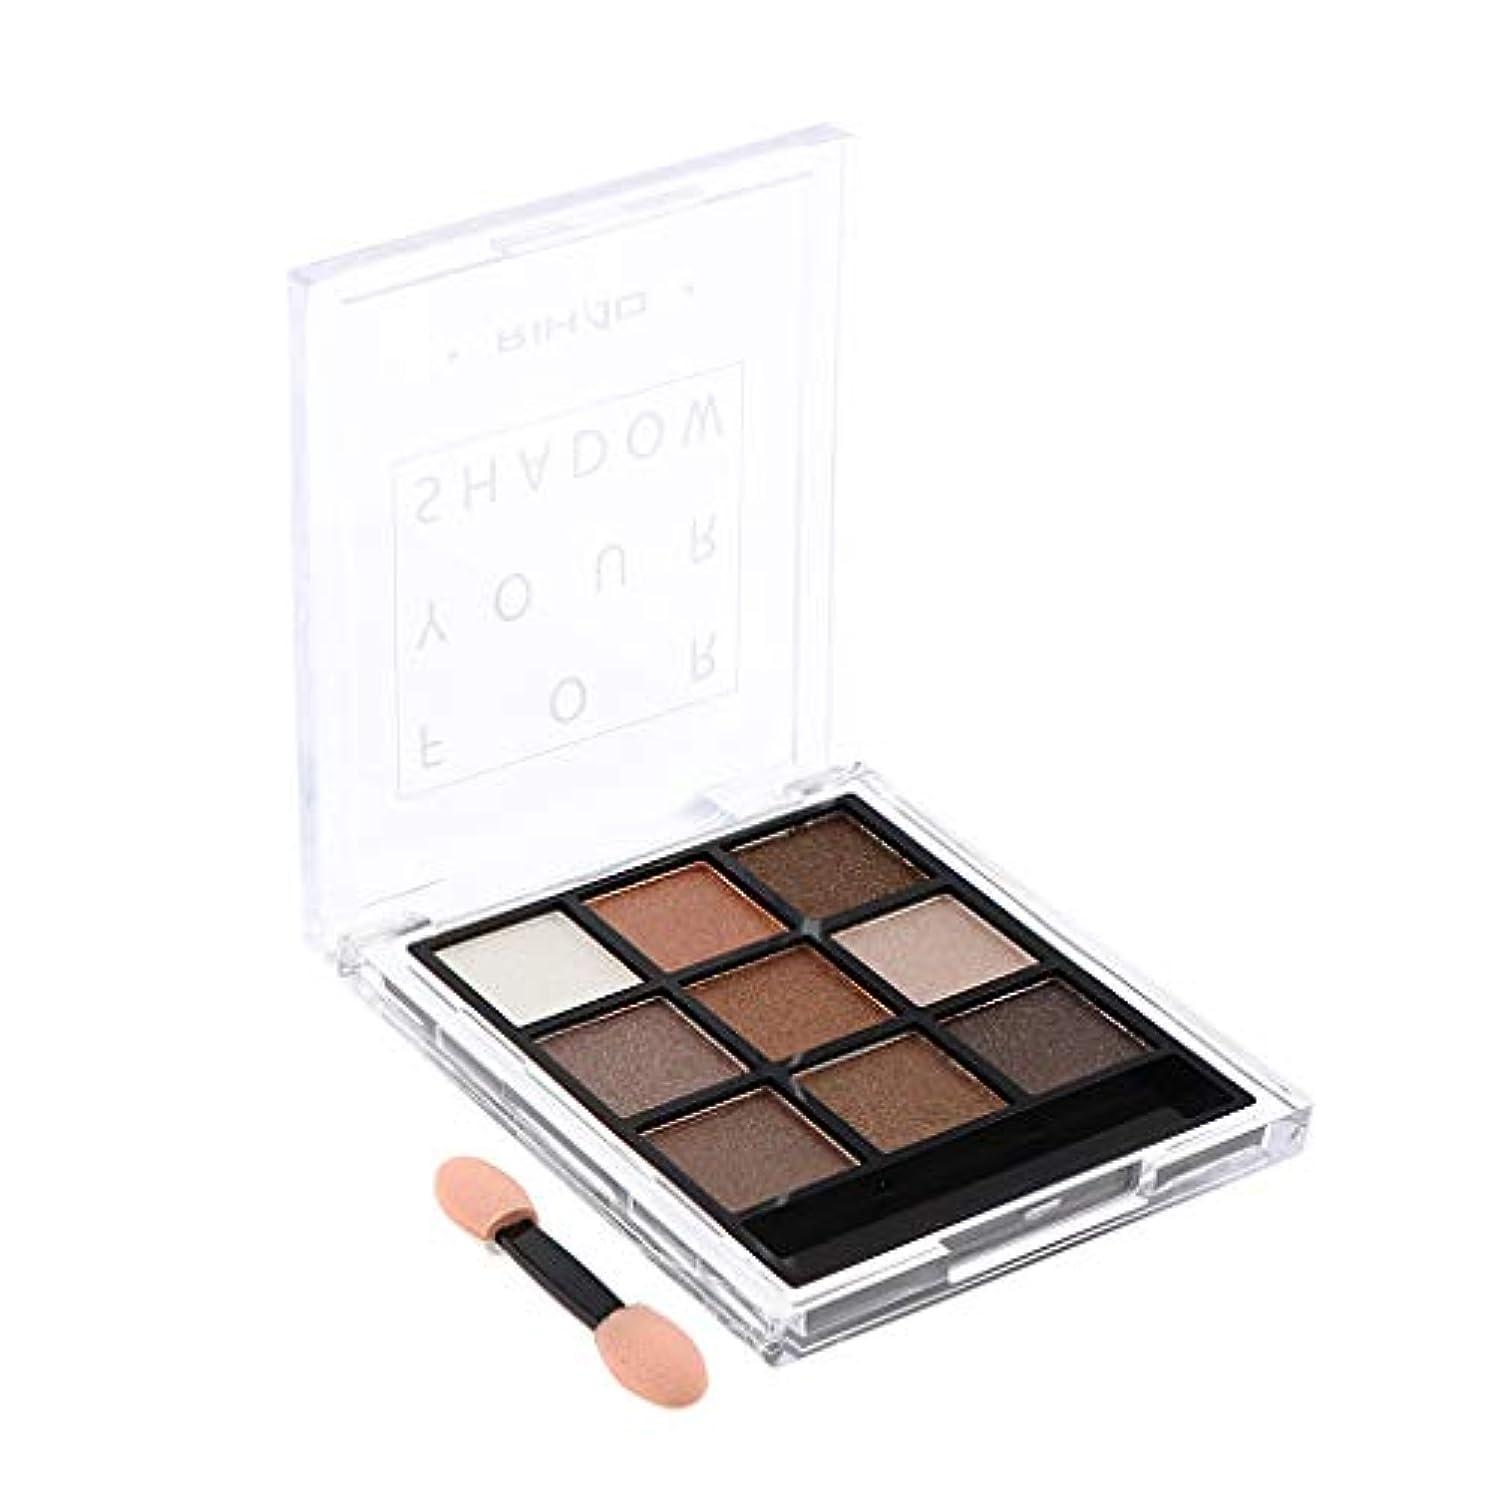 平均独立した炎上9色 化粧パレット アイシャドウ メイクアップパレット 4色選べ - 05